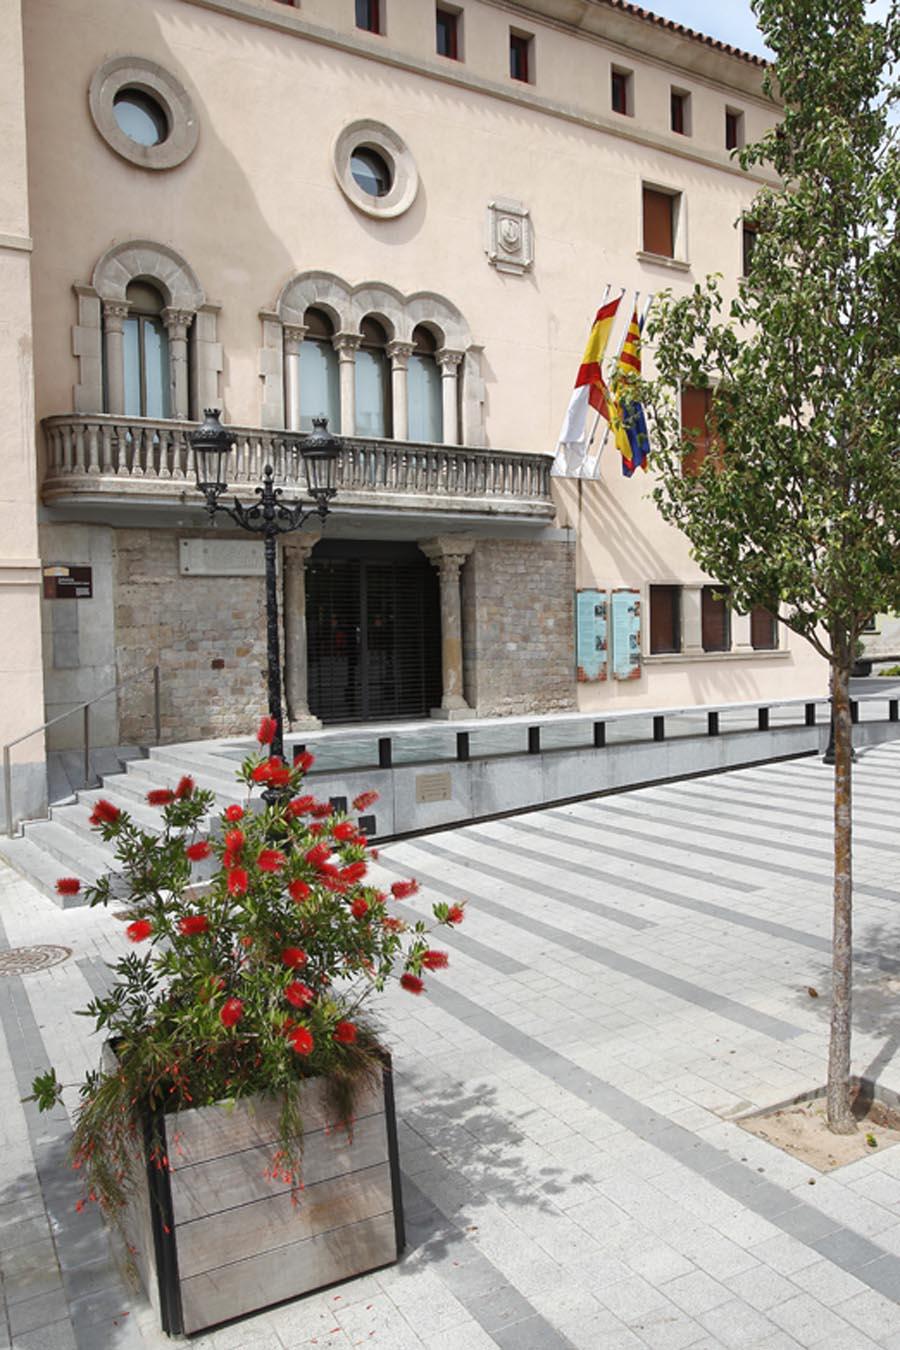 Ajuntament de cornell de llobregat directori fitxa lloc for Oficina atencio al ciutada